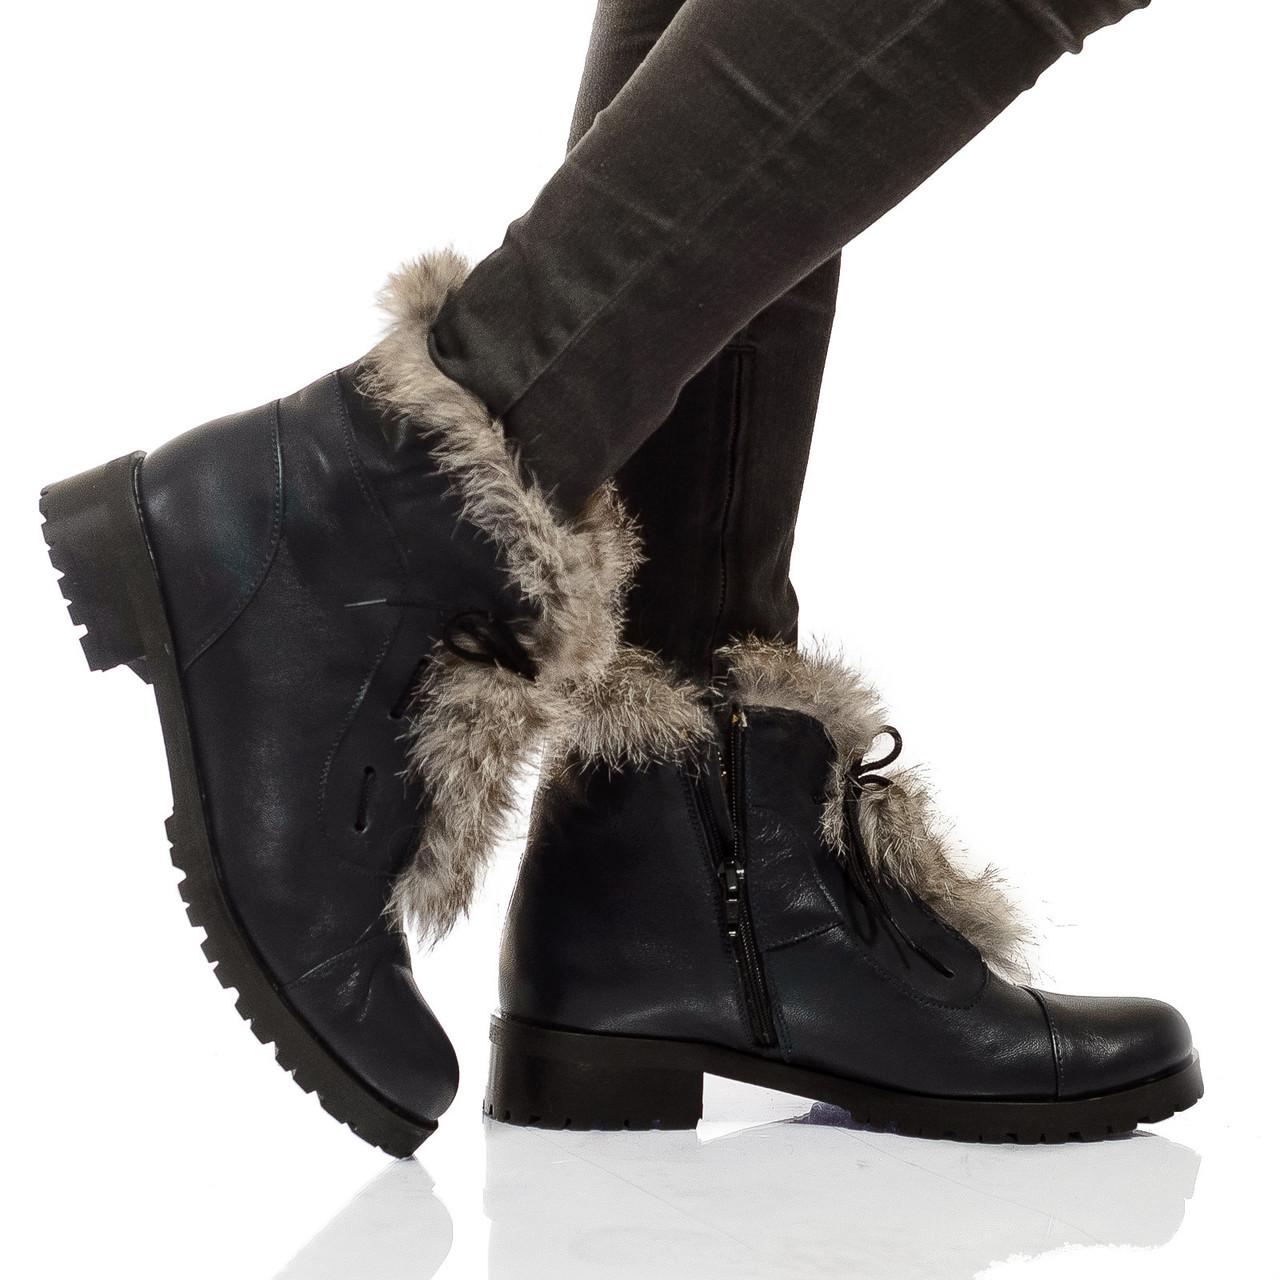 Ботинки на низком каблуке, из натуральной кожи, замша,лак на шнурках. Четыре цвета! Размеры 36-41 модель S2226